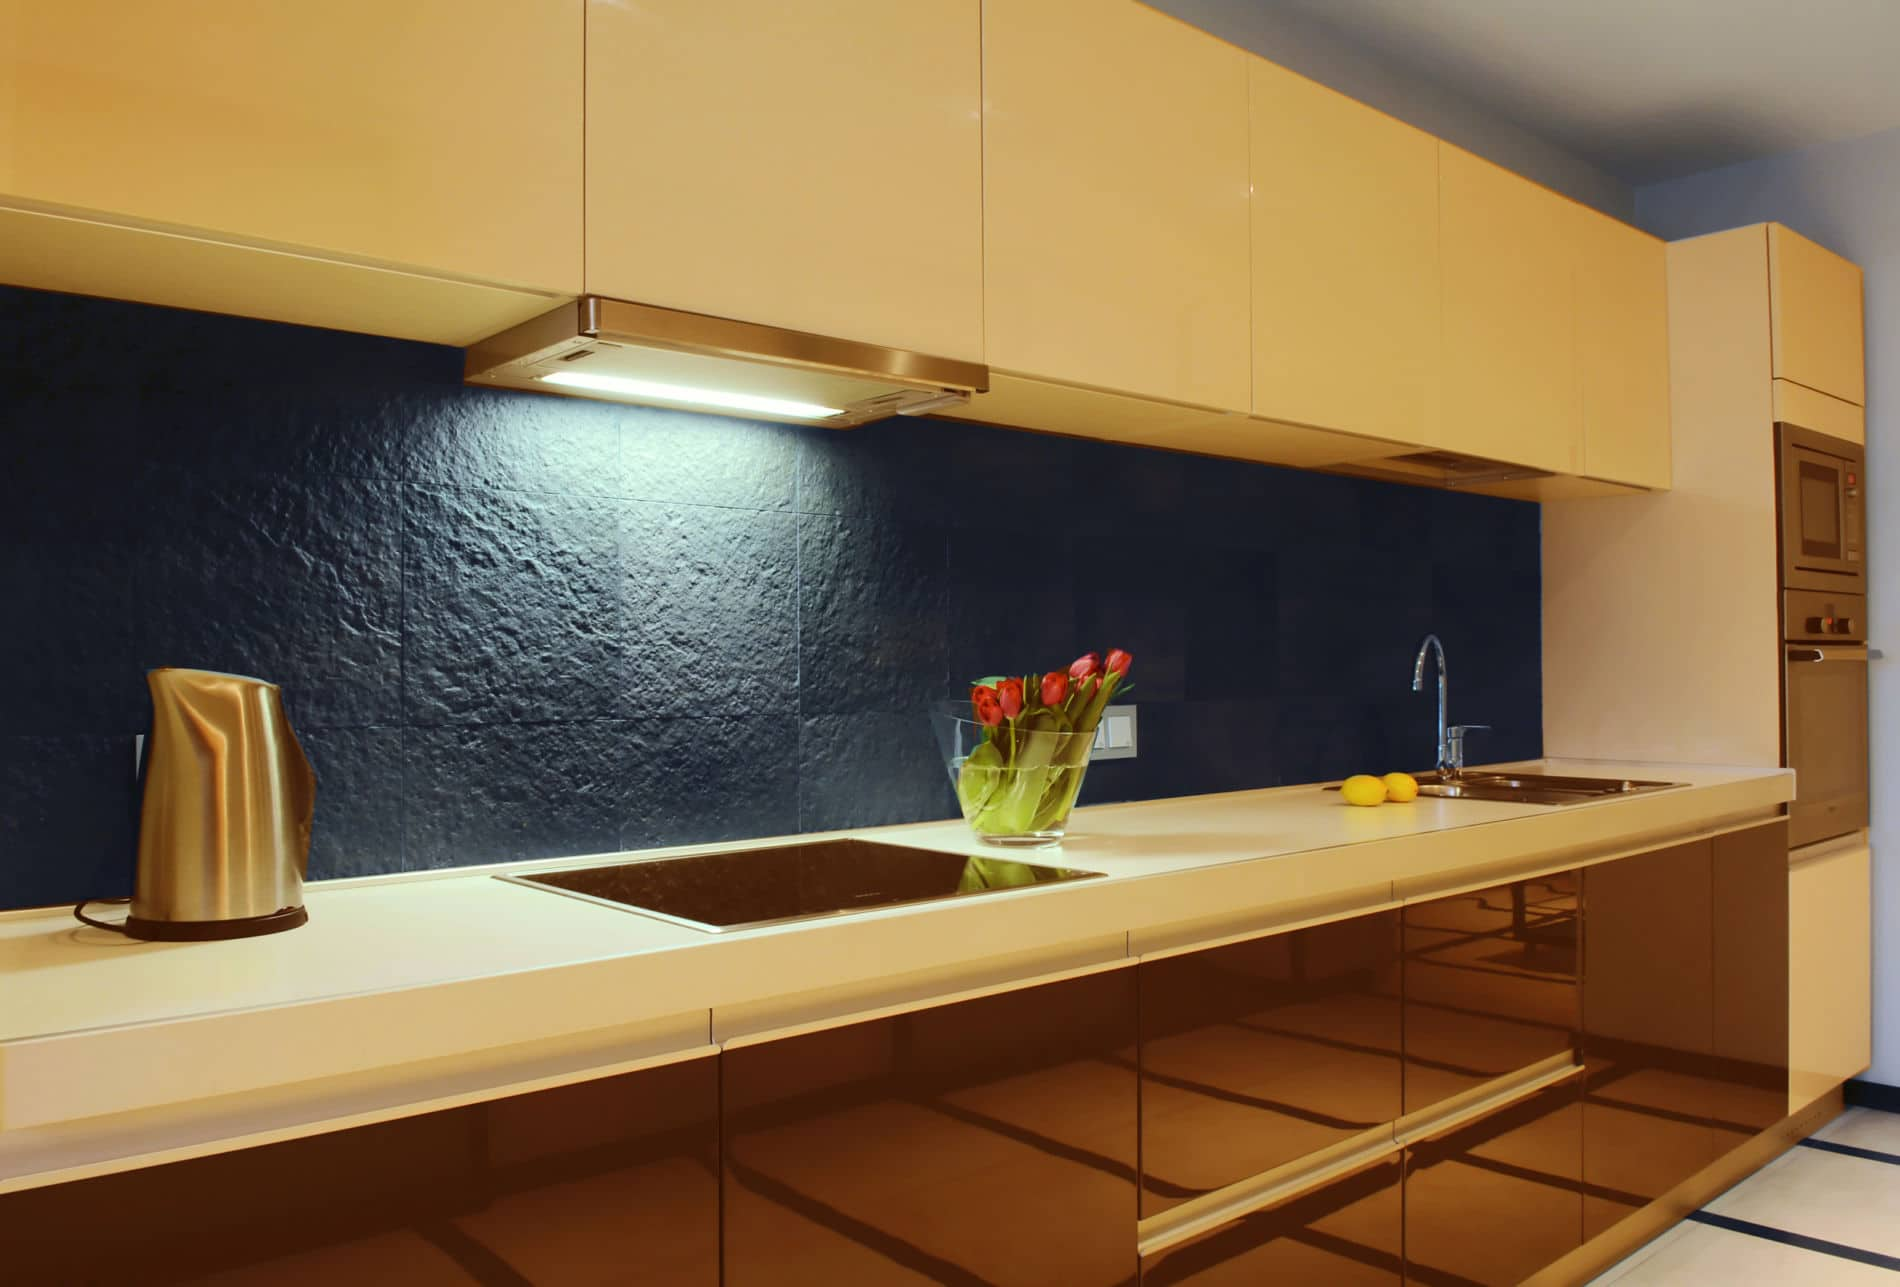 מטבחים מעץ ספקי מטבחים מודרניים זריזים בחסות החברה שבה הם עובדים שיודעים לתקן בעיות בשטח באופן מהיר תוך כדי הפעלת המקרר והתנור ללקוח במטבח שלו